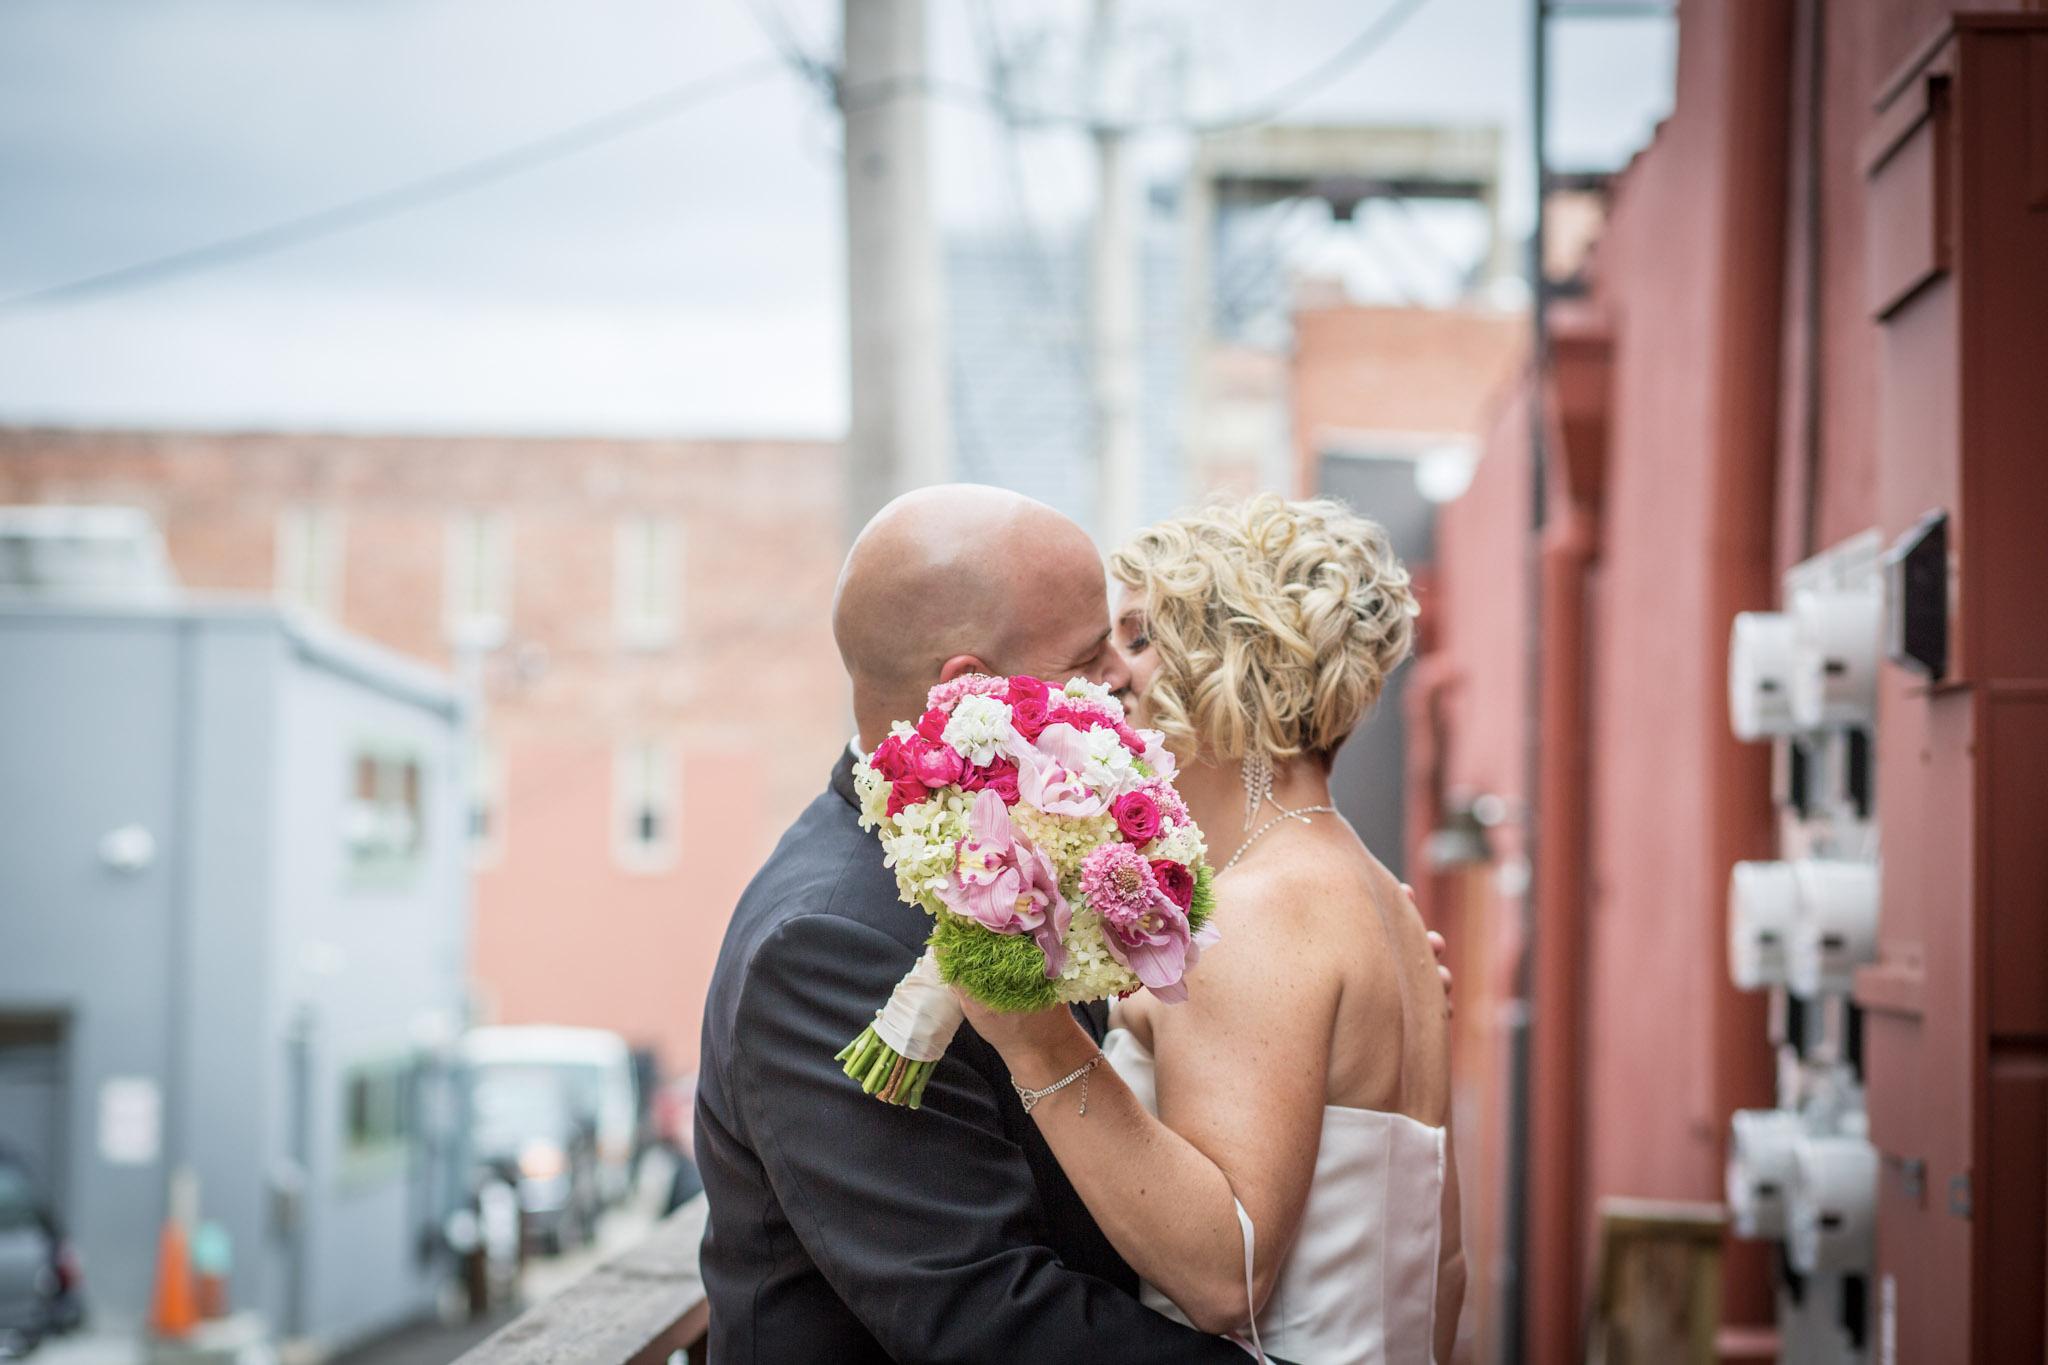 Kansas+City-Small+Wedding-Elope_Intimate_Ceremony_Melanie+David-12.jpg